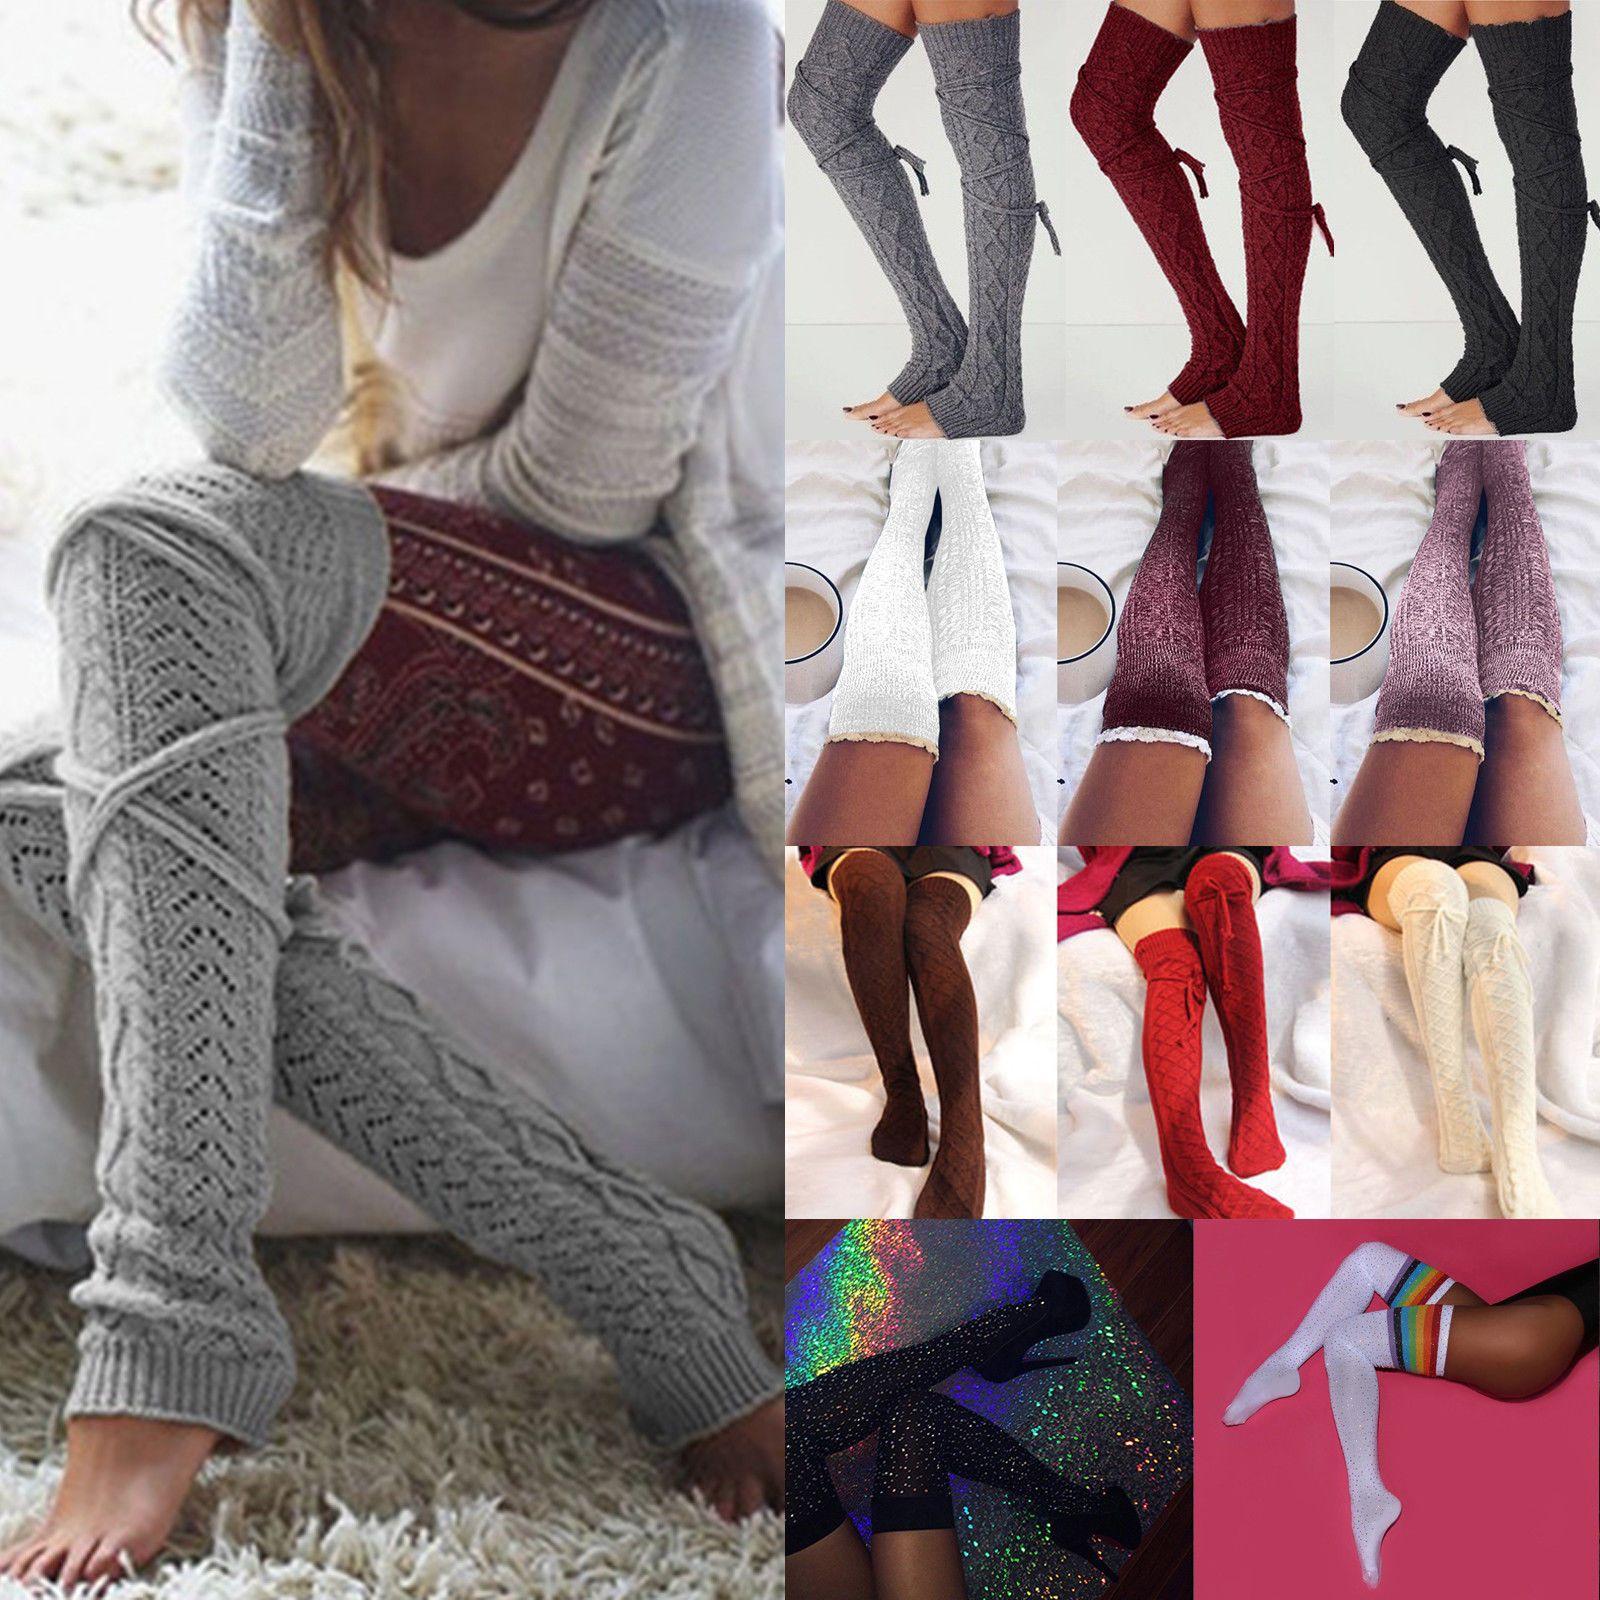 US STOCK HOT Women Crochet Knitted stocking Leg Warmers Boot Cover Legging Socks